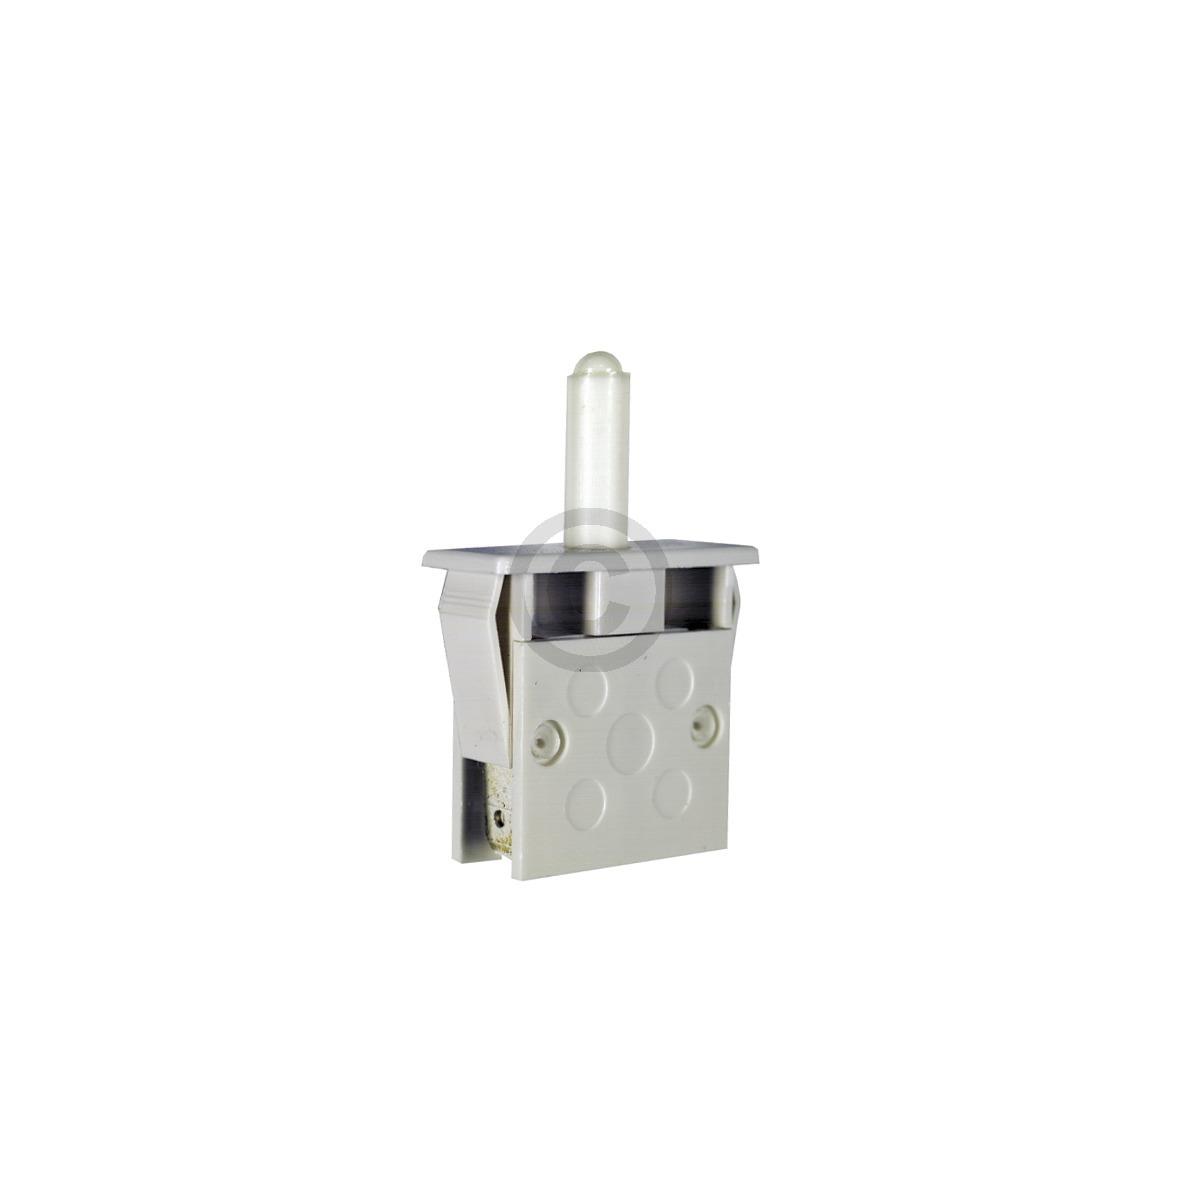 Tastenschalter 1-fach fürs Licht 899671150192 AEG, Electrolux, Juno, Zanussi